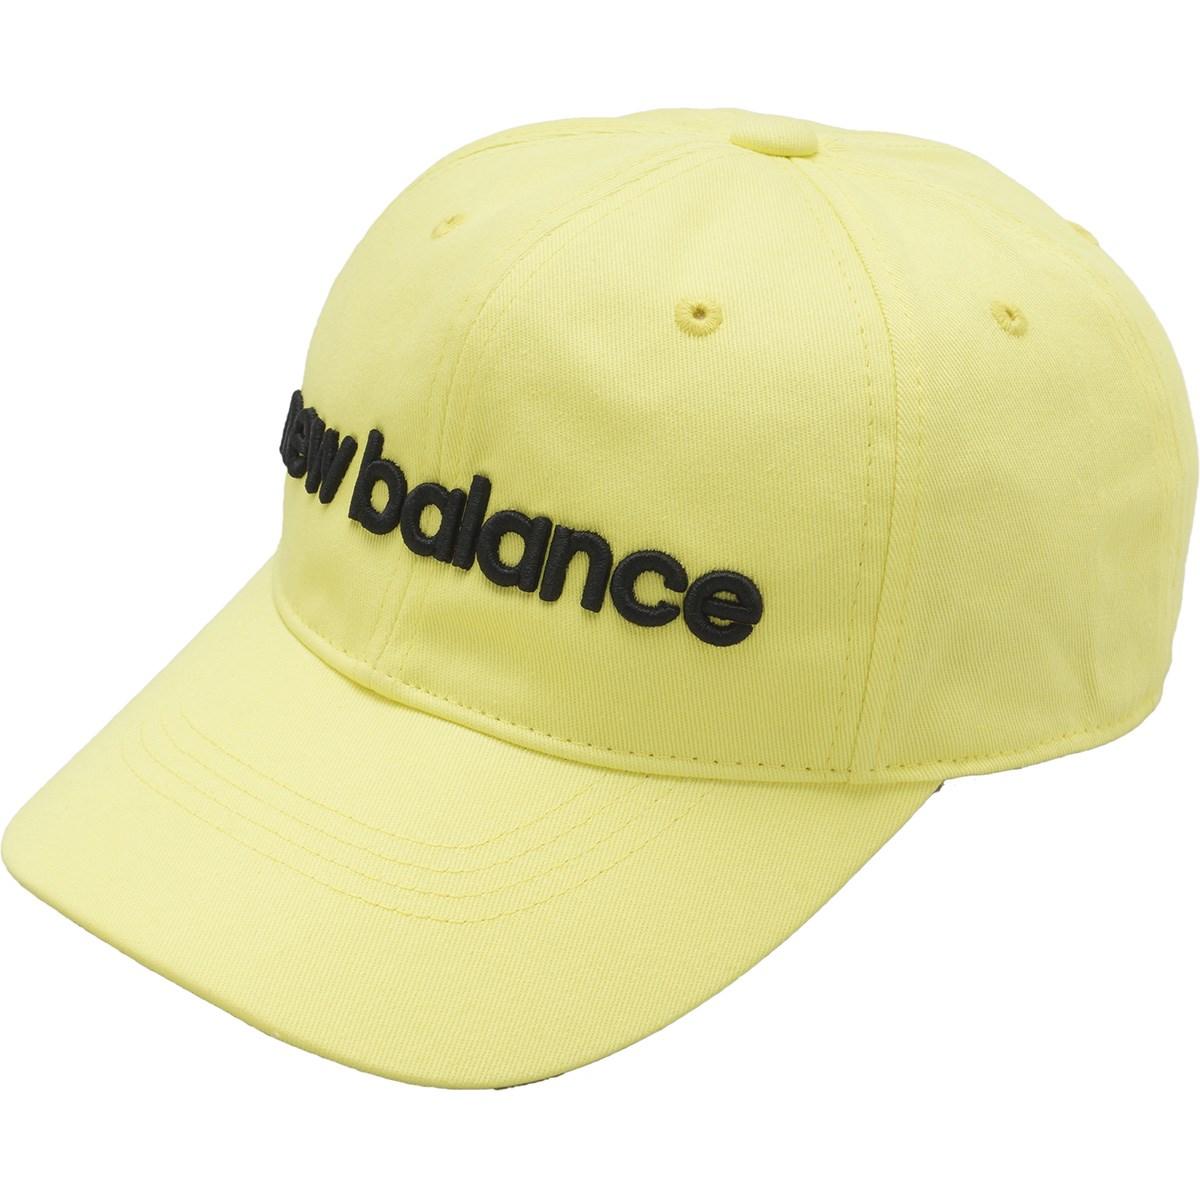 ニューバランス New Balance SPORT SIX PANELS キャップ フリー イエロー 060